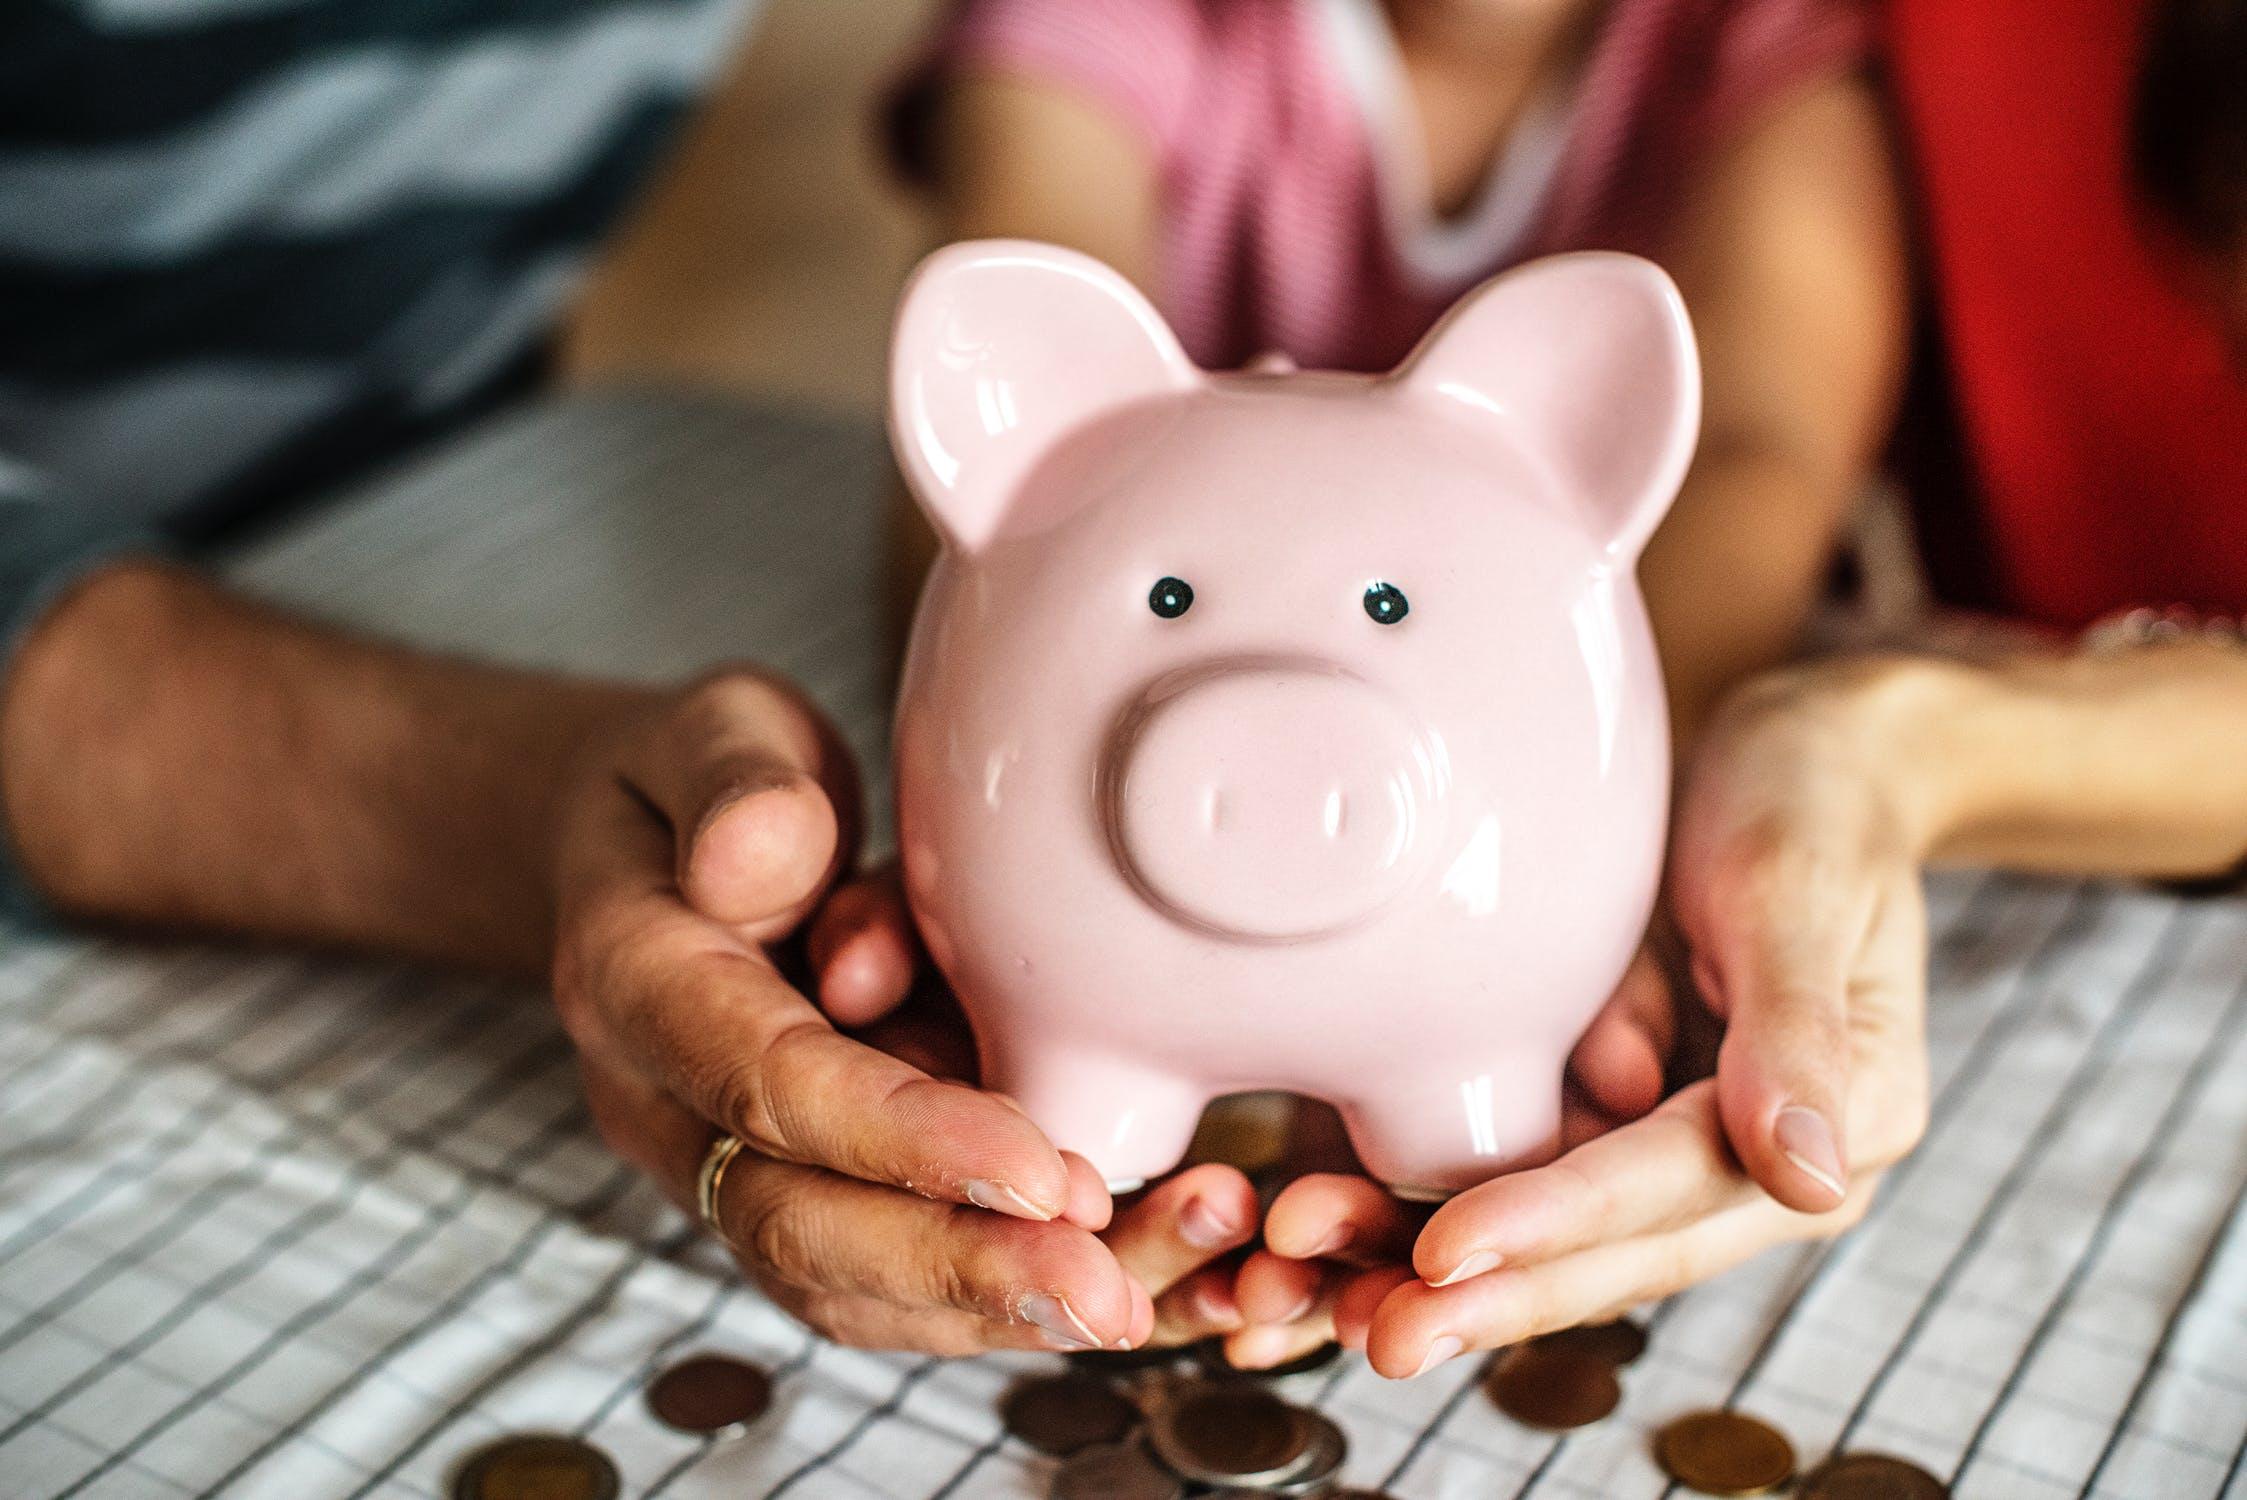 kā jūs varat ātri nopelnīt naudu mājās